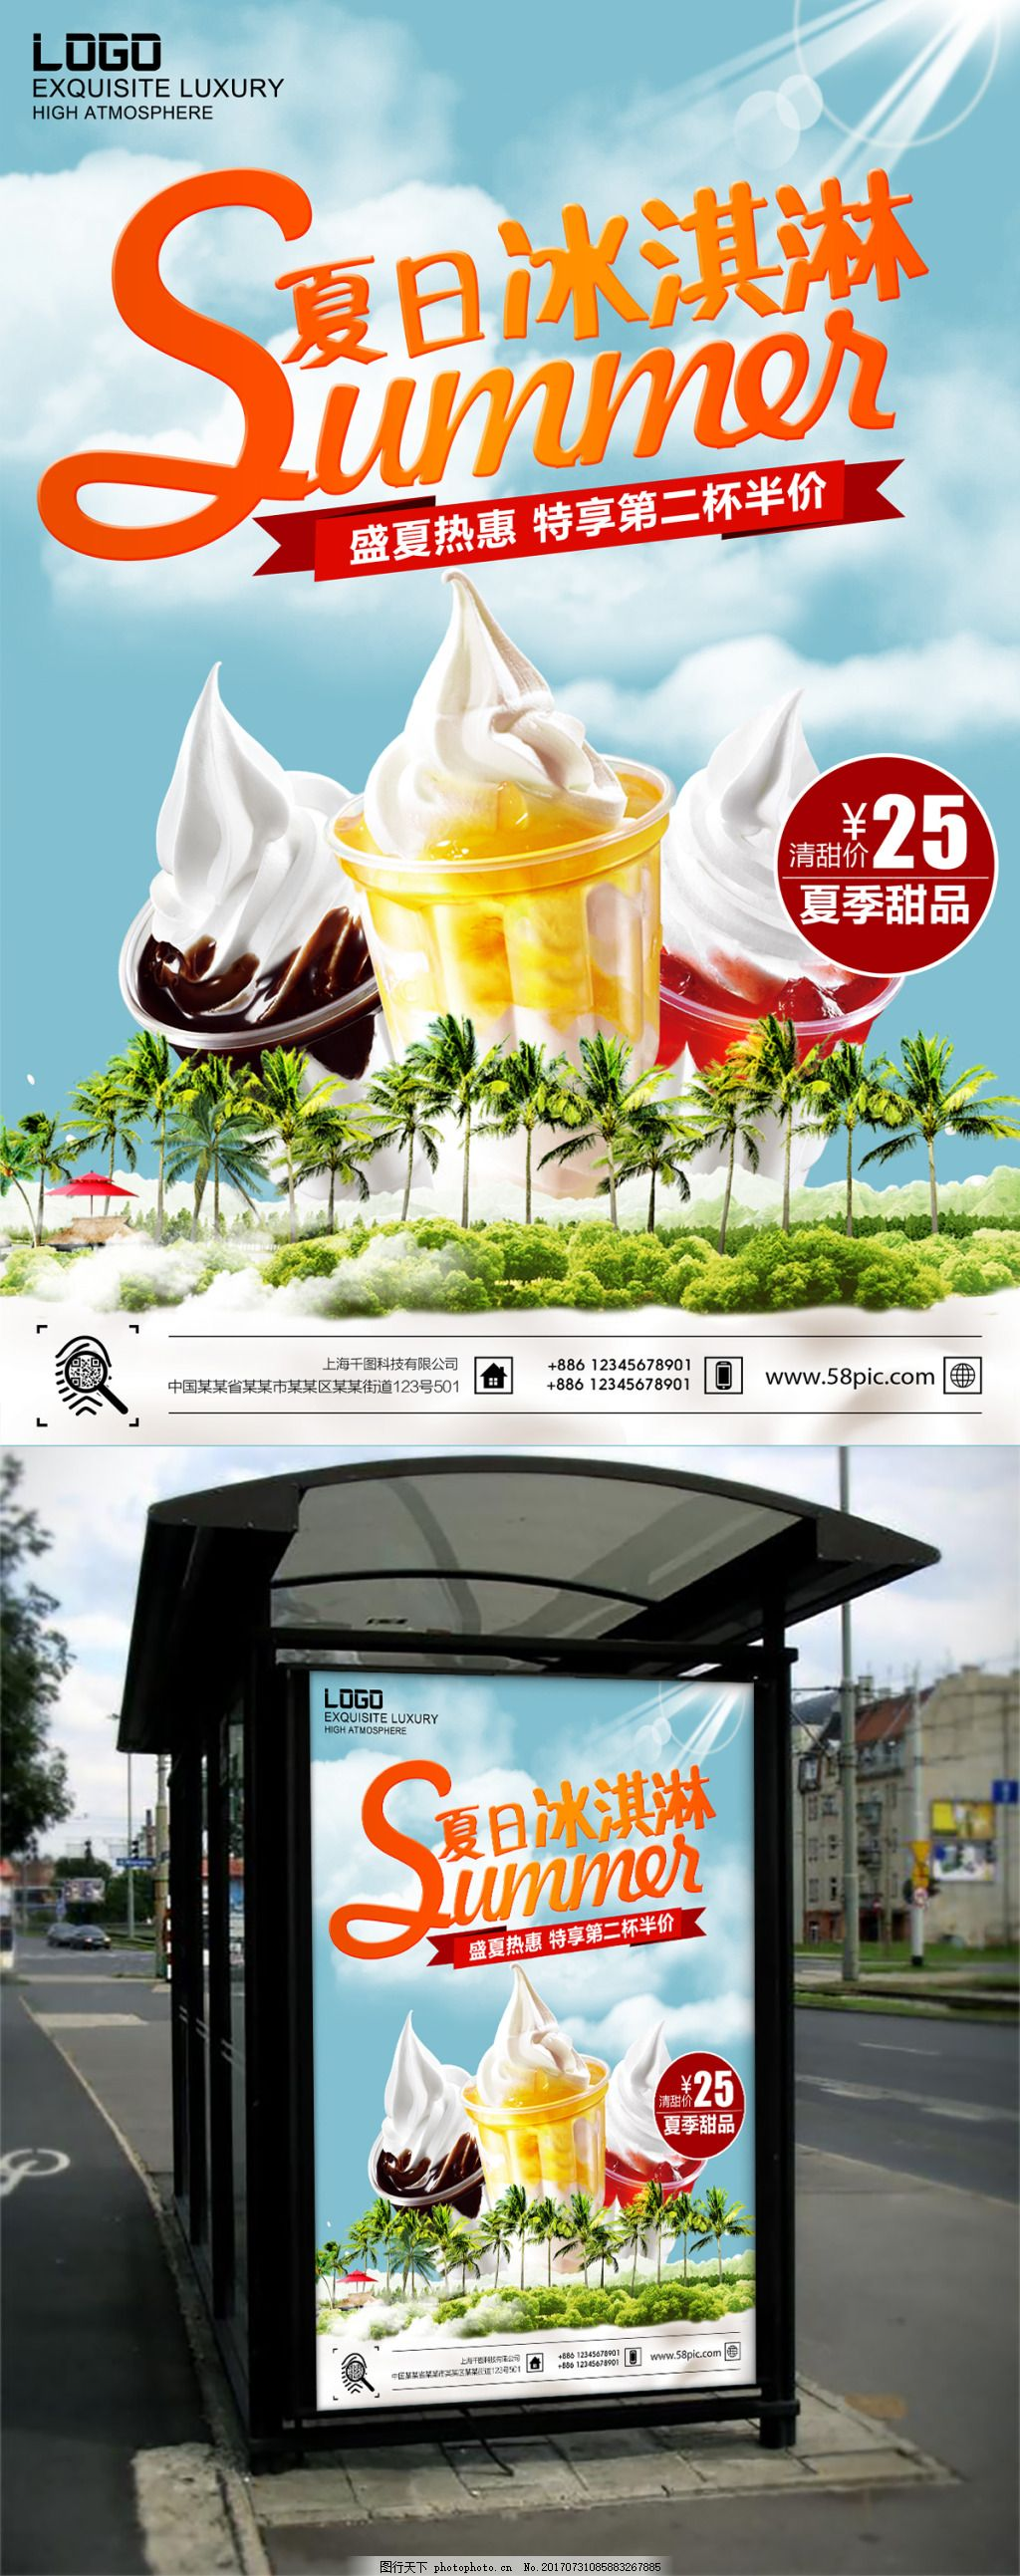 清新风格夏季美食冰淇淋促销海报 冰激凌 雪糕 甜品 美食食品 便利店促销活动海报